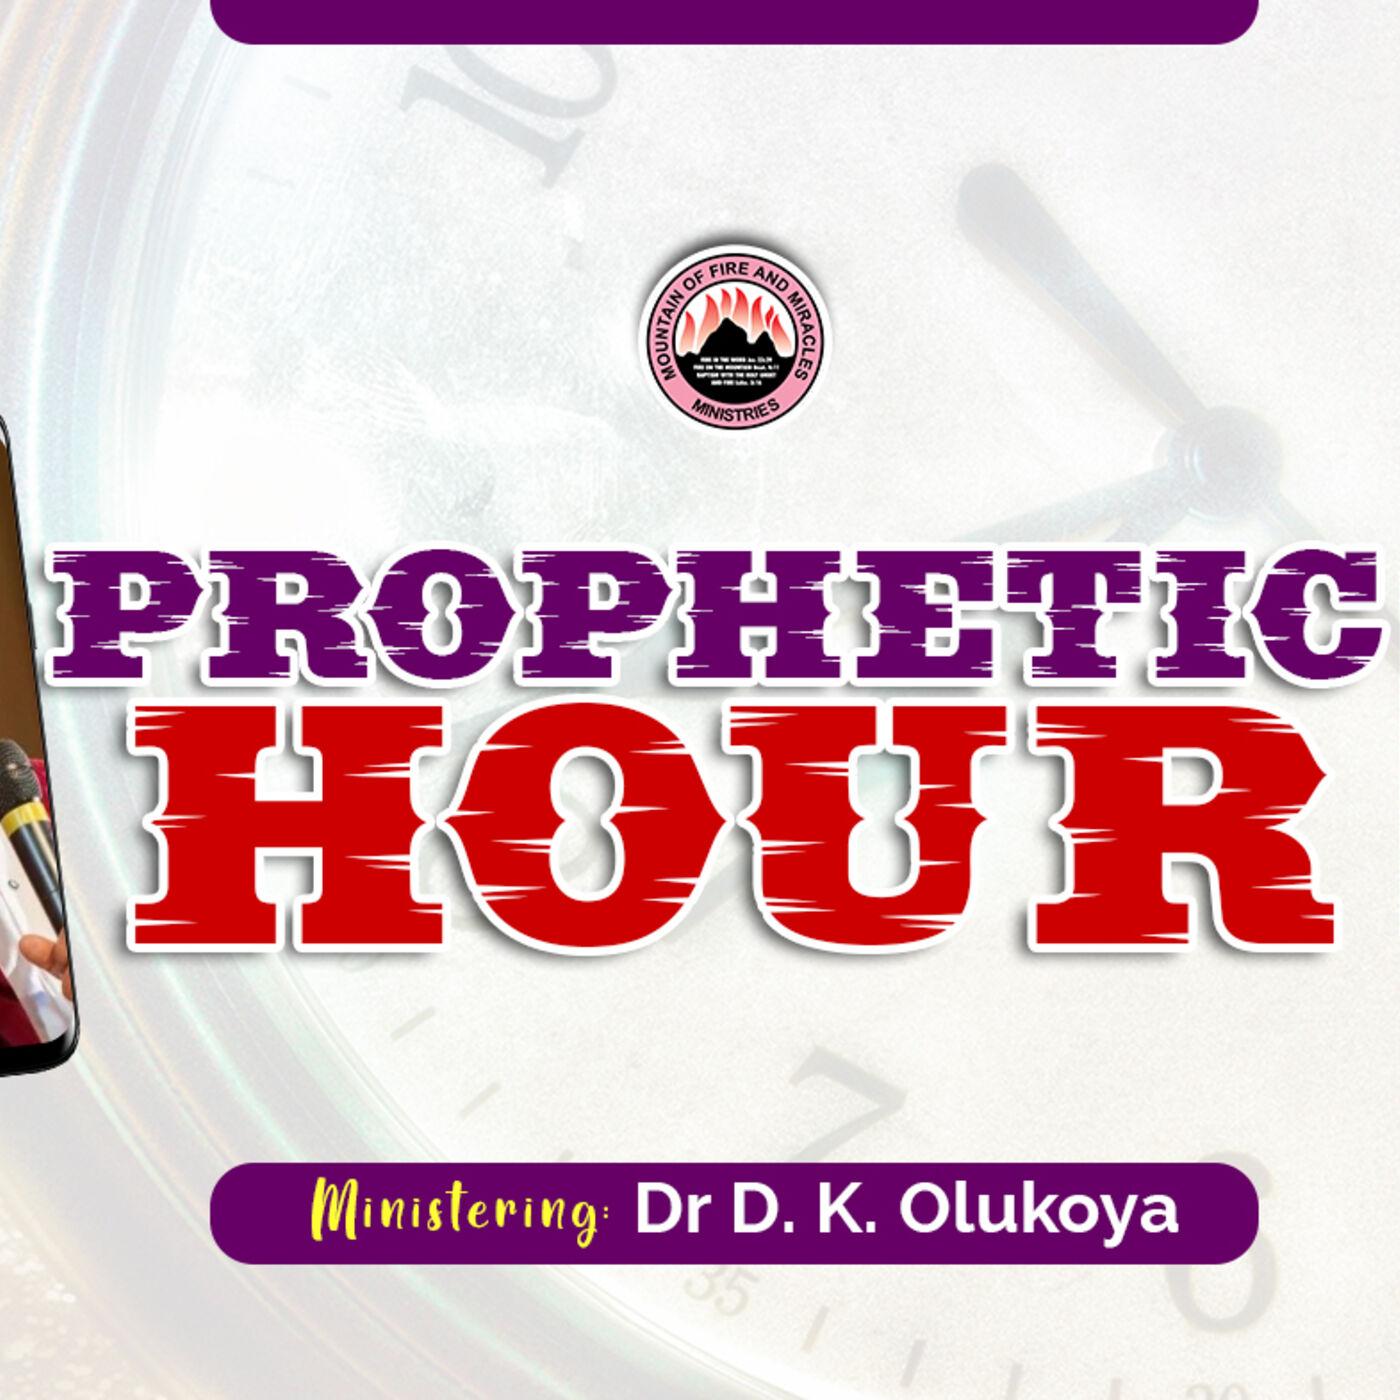 Prophetic Vitamin 4- Dr D. K. Olukoya